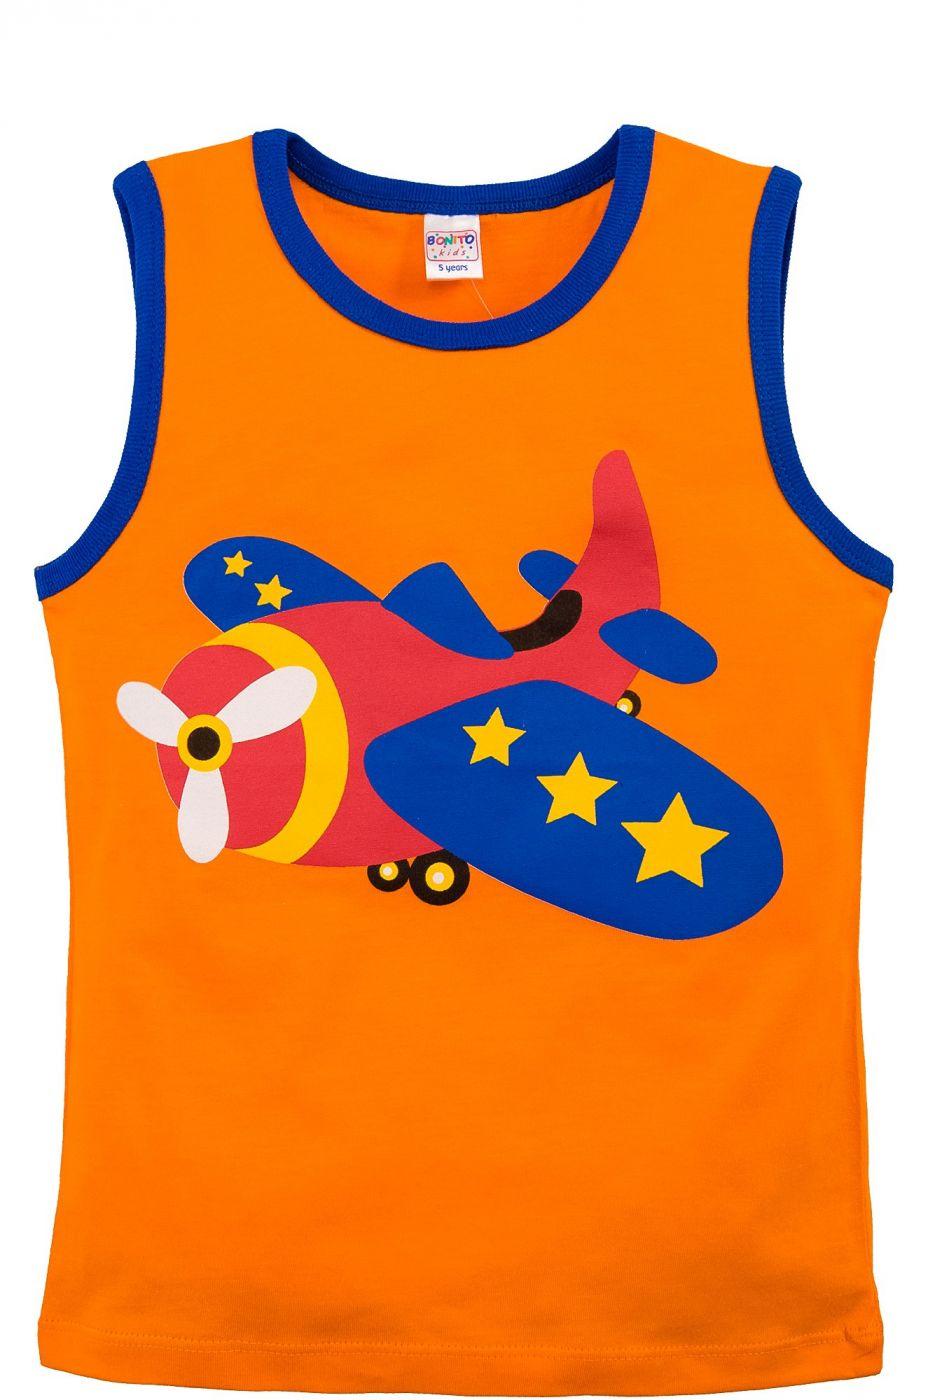 Майка для мальчиков Bonito оранжевая с самолетом